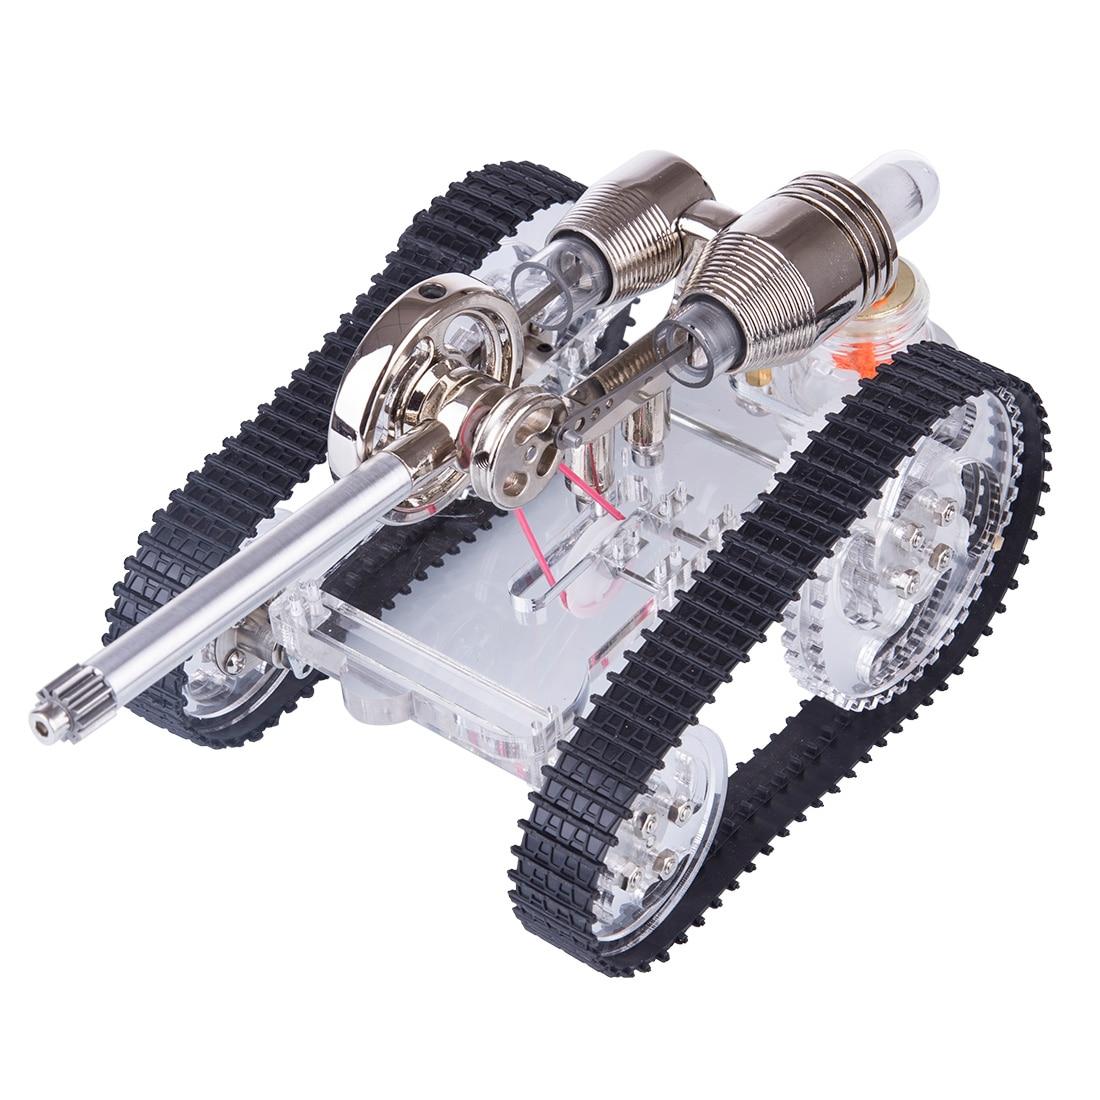 Kit de construction de modèles de moteur à Combustion externe